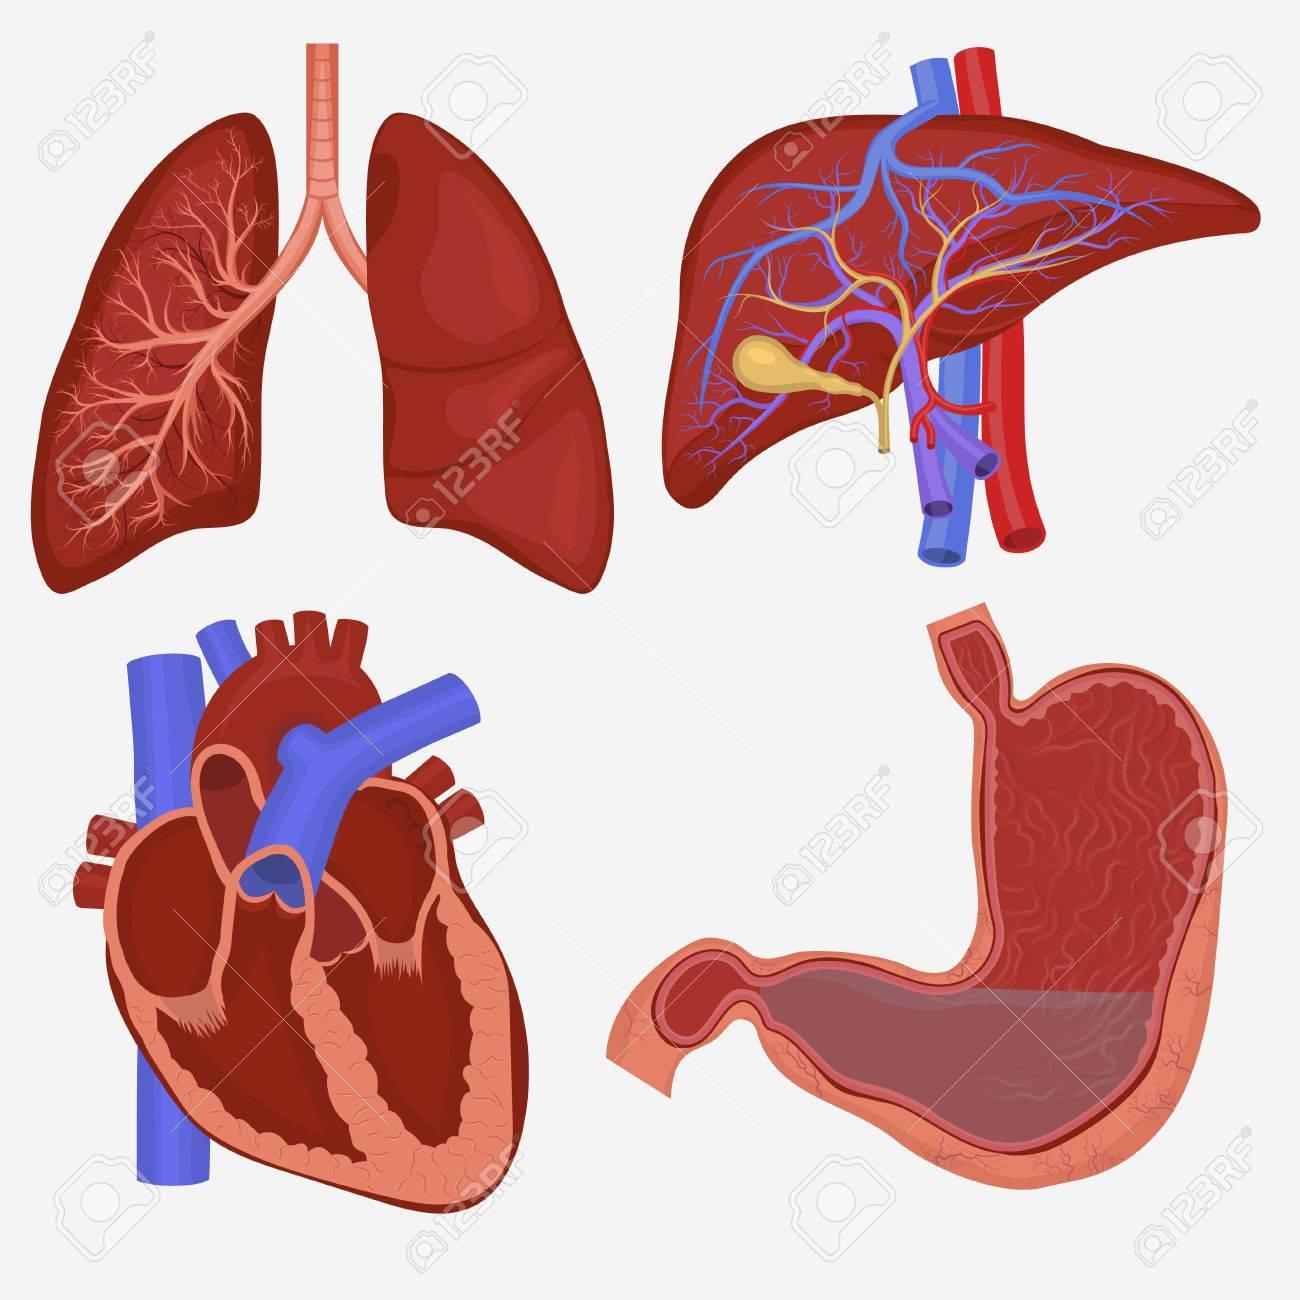 RGAnos Internos Humanos Establecidos. Pulmones, Hígado, De Estómago ...